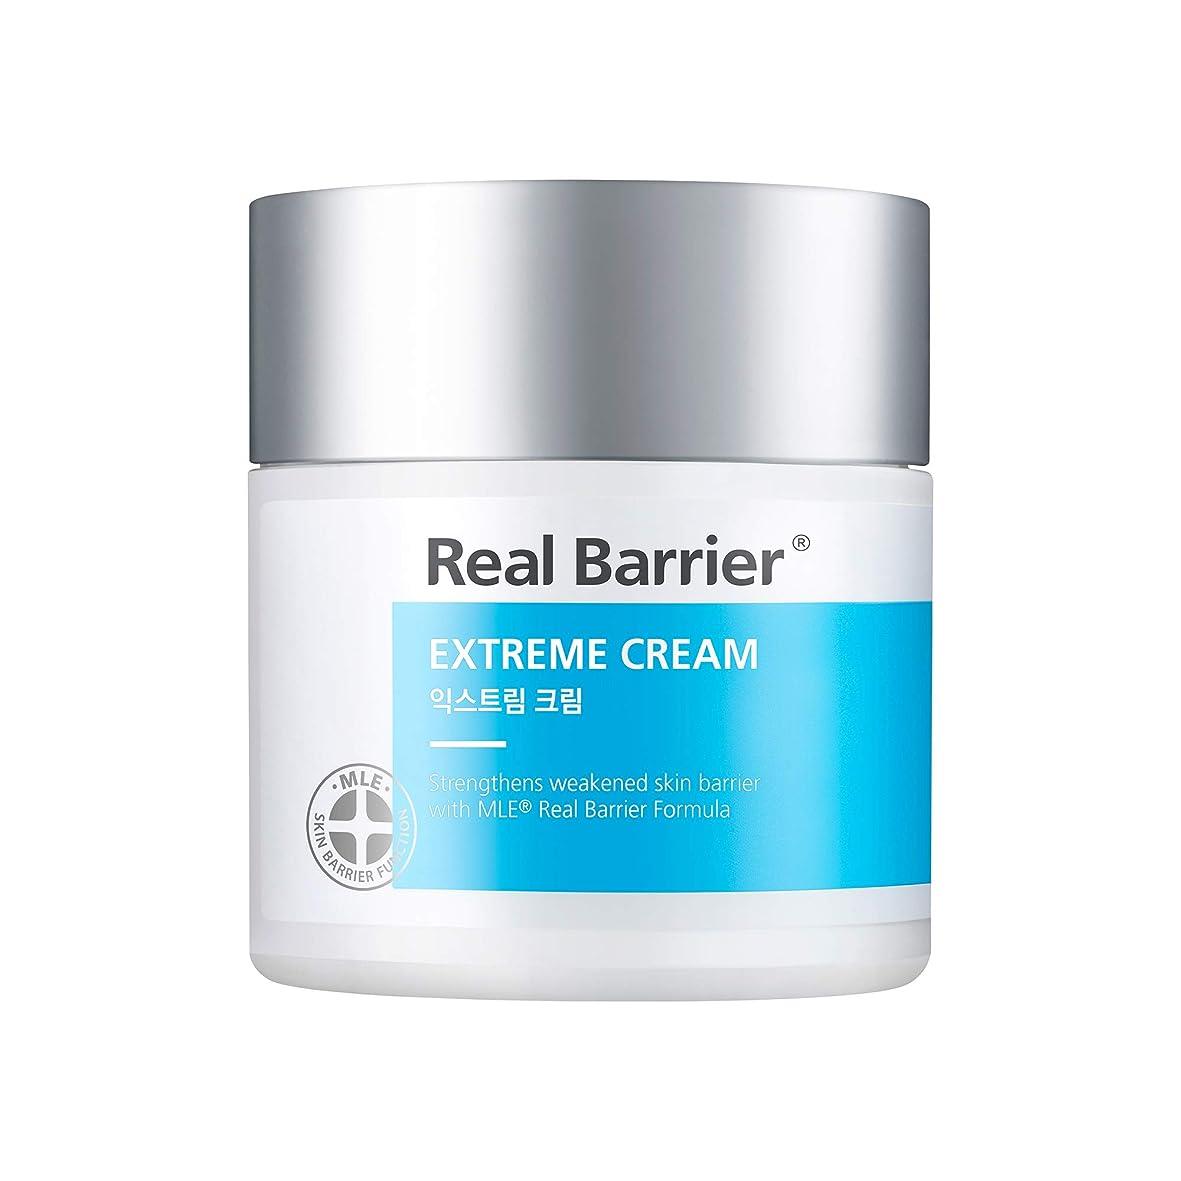 起こるプログレッシブインタラクションアトパーム(atopalm) リアルベリアエクストリームクリーム/Atopam Real Barrier Extreme Cream